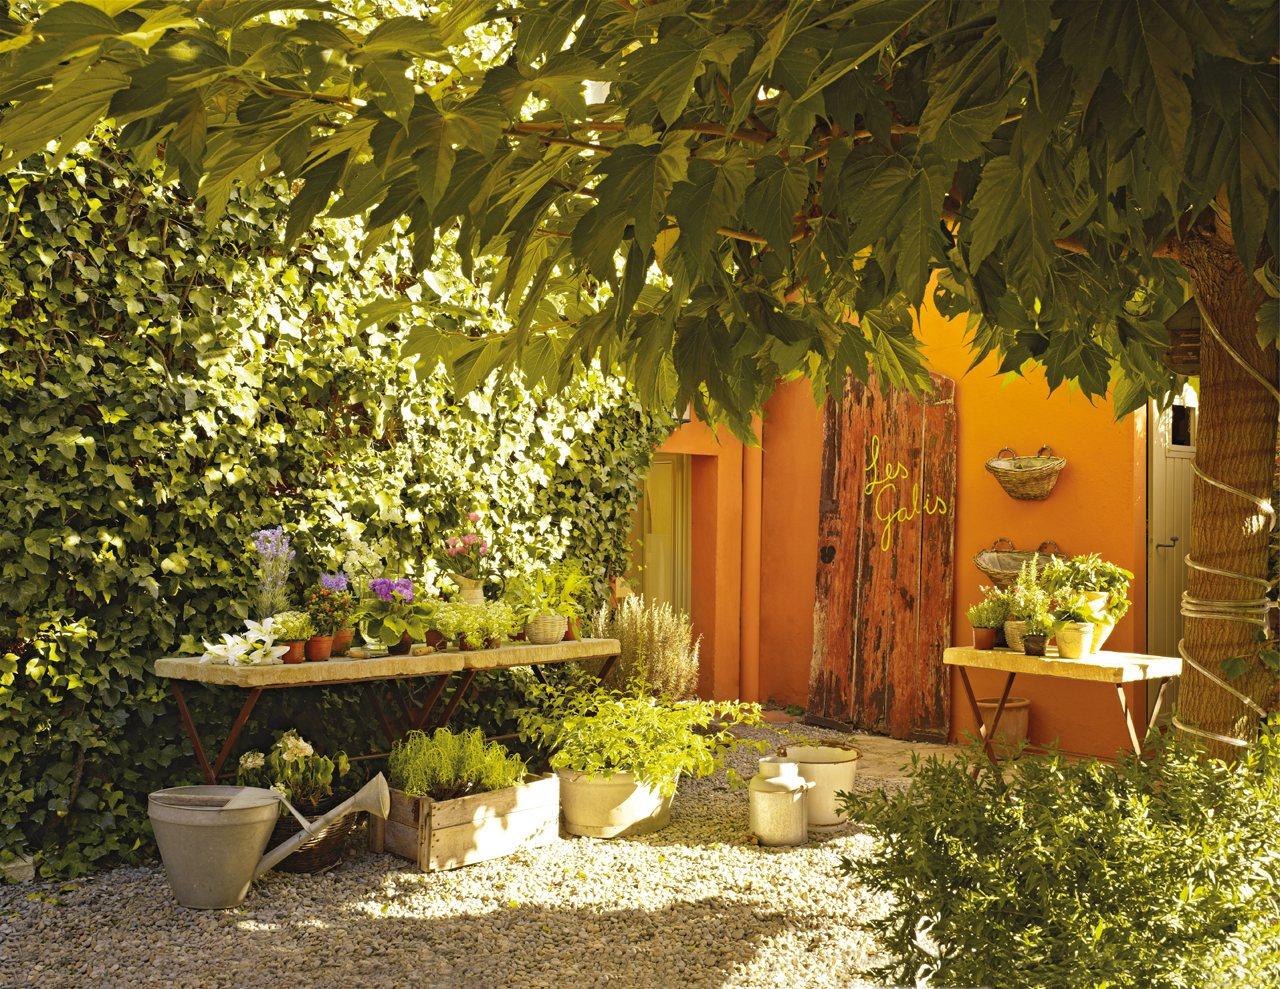 Una casita de pueblo con encanto r stico y un precioso patio for Decorar paredes patio exterior